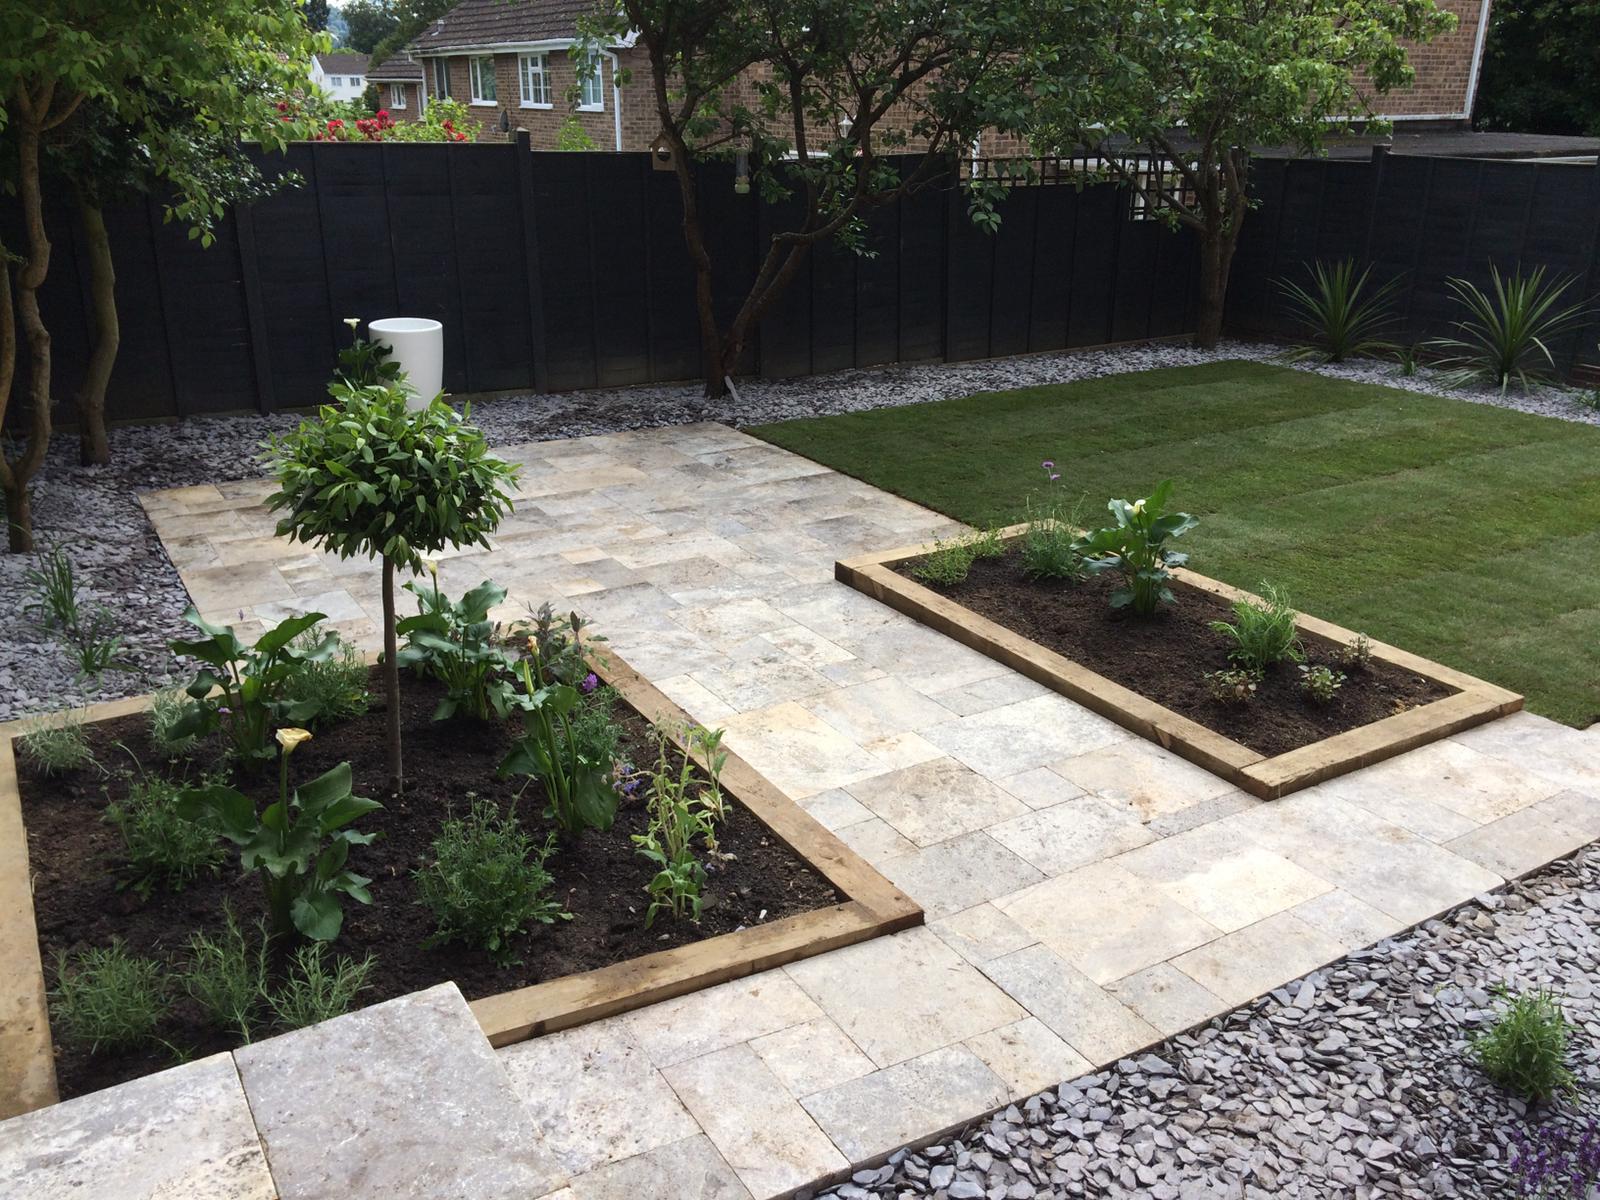 Gravel, grass and patio garden